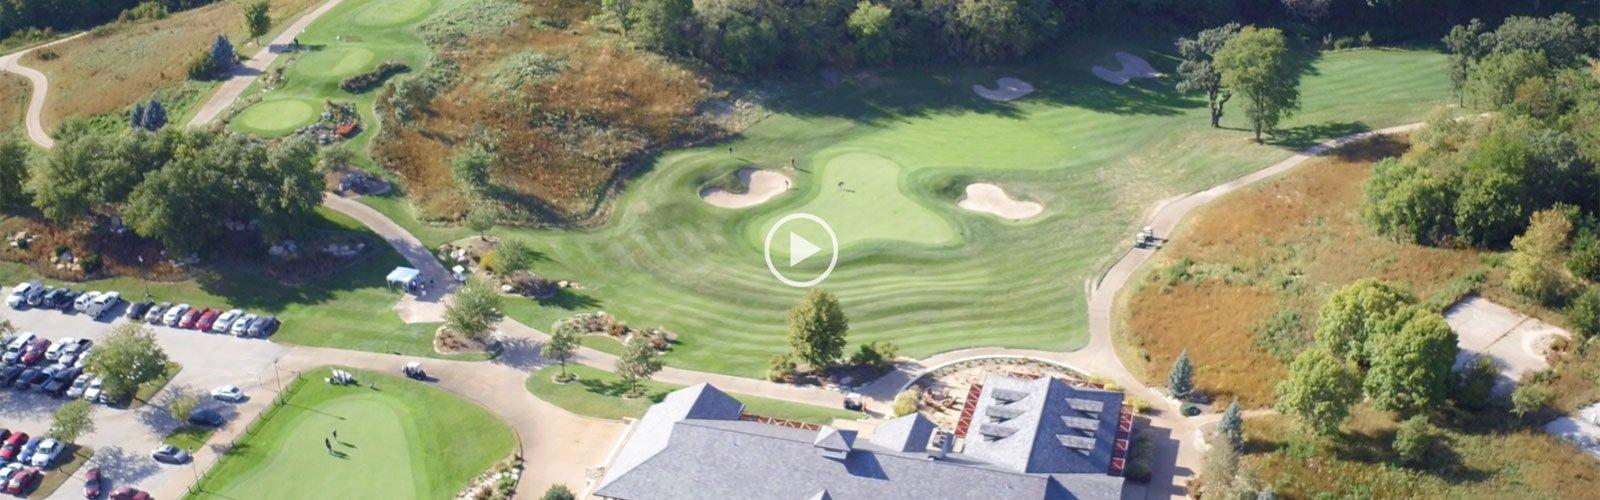 Aerial image of Quarry Oaks golf course